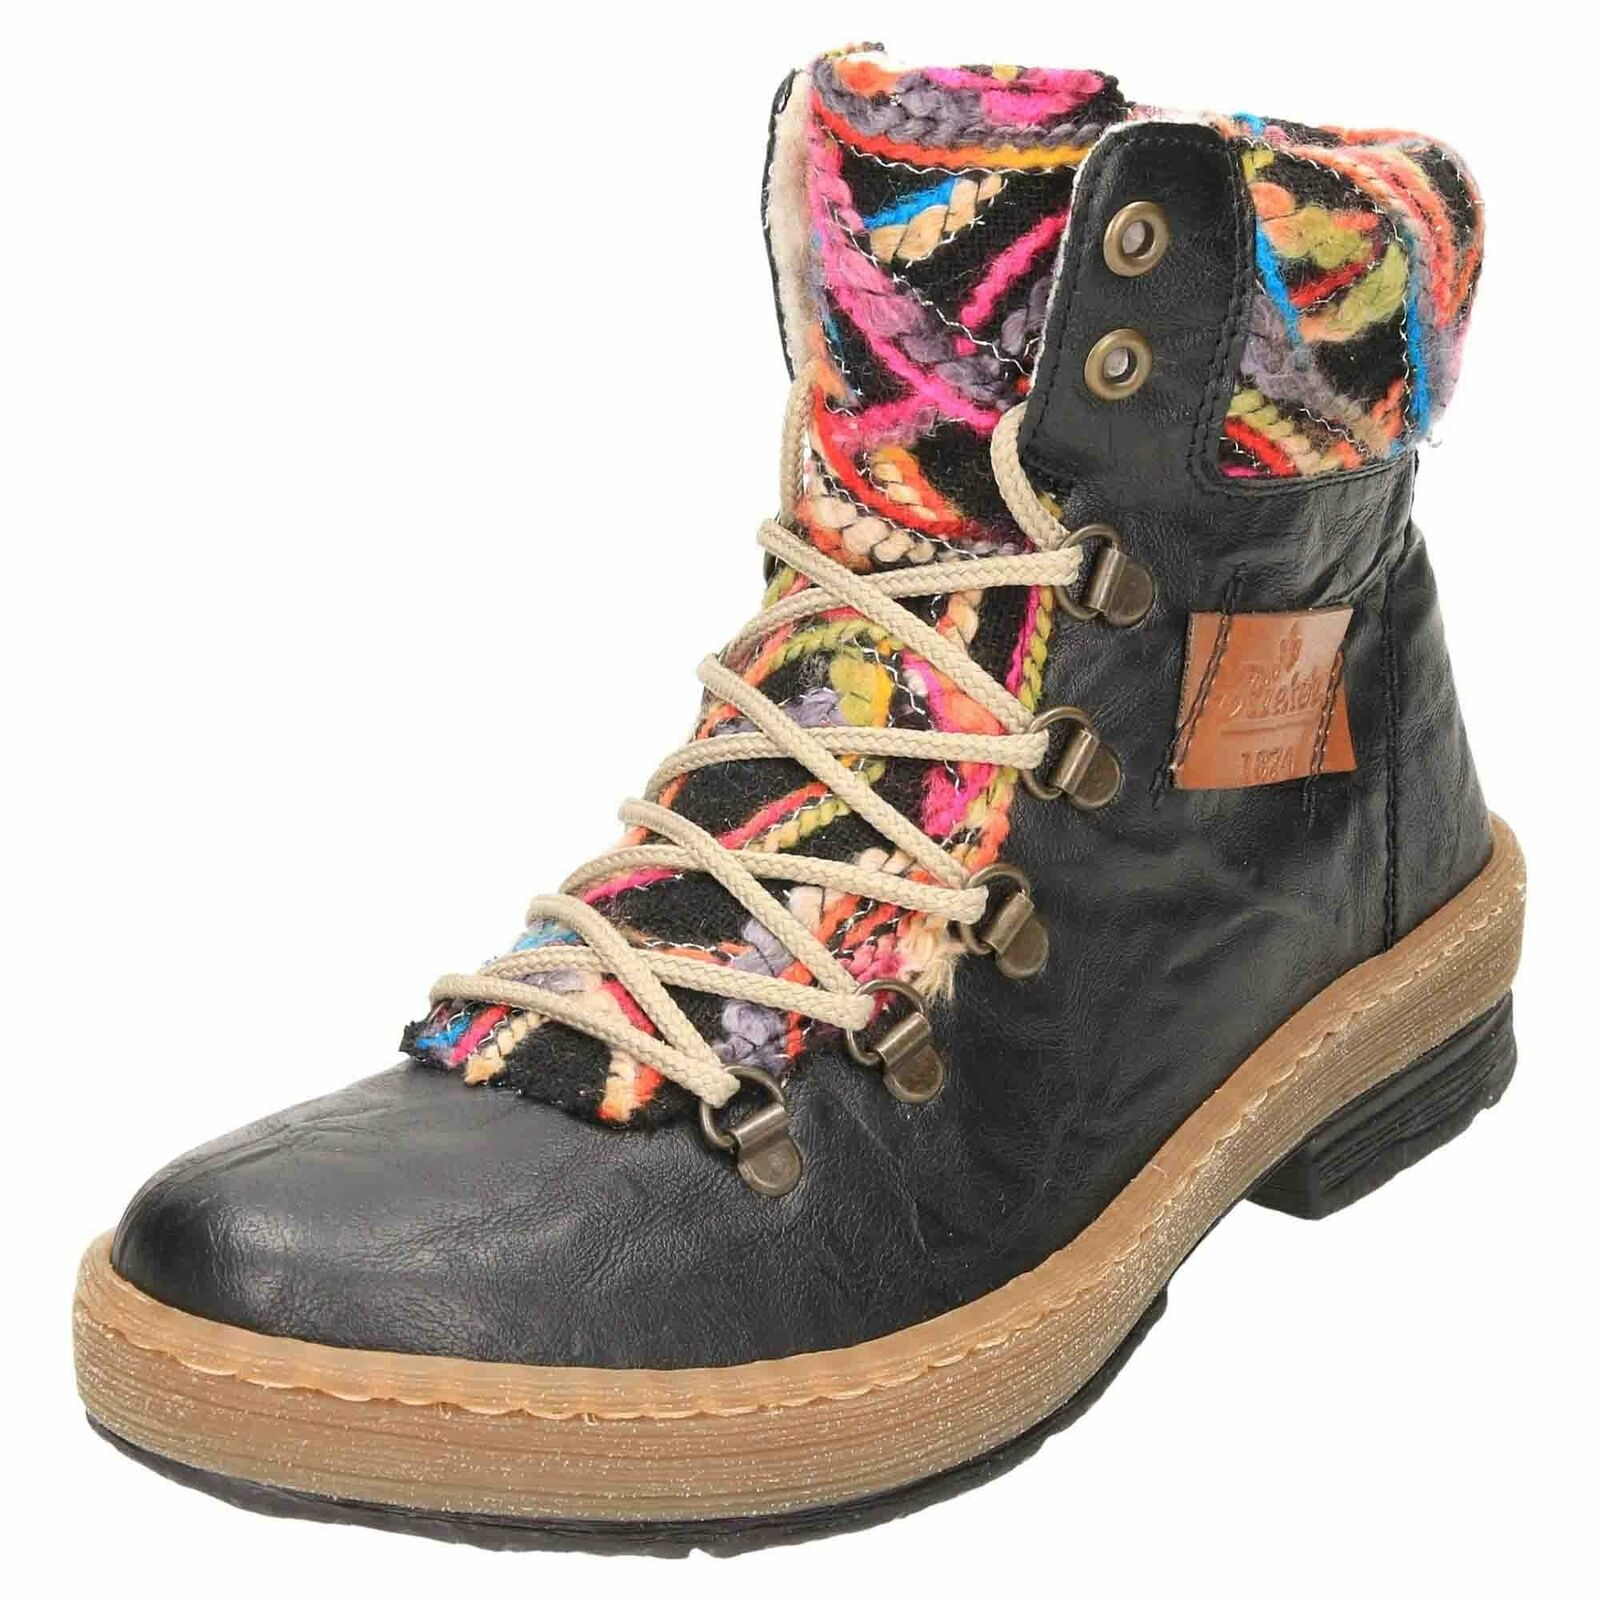 Rieker Flat Lace Up Zip Knitted Ankle Stiefel Z6743-00 Low Heel Warm Winter schuhe